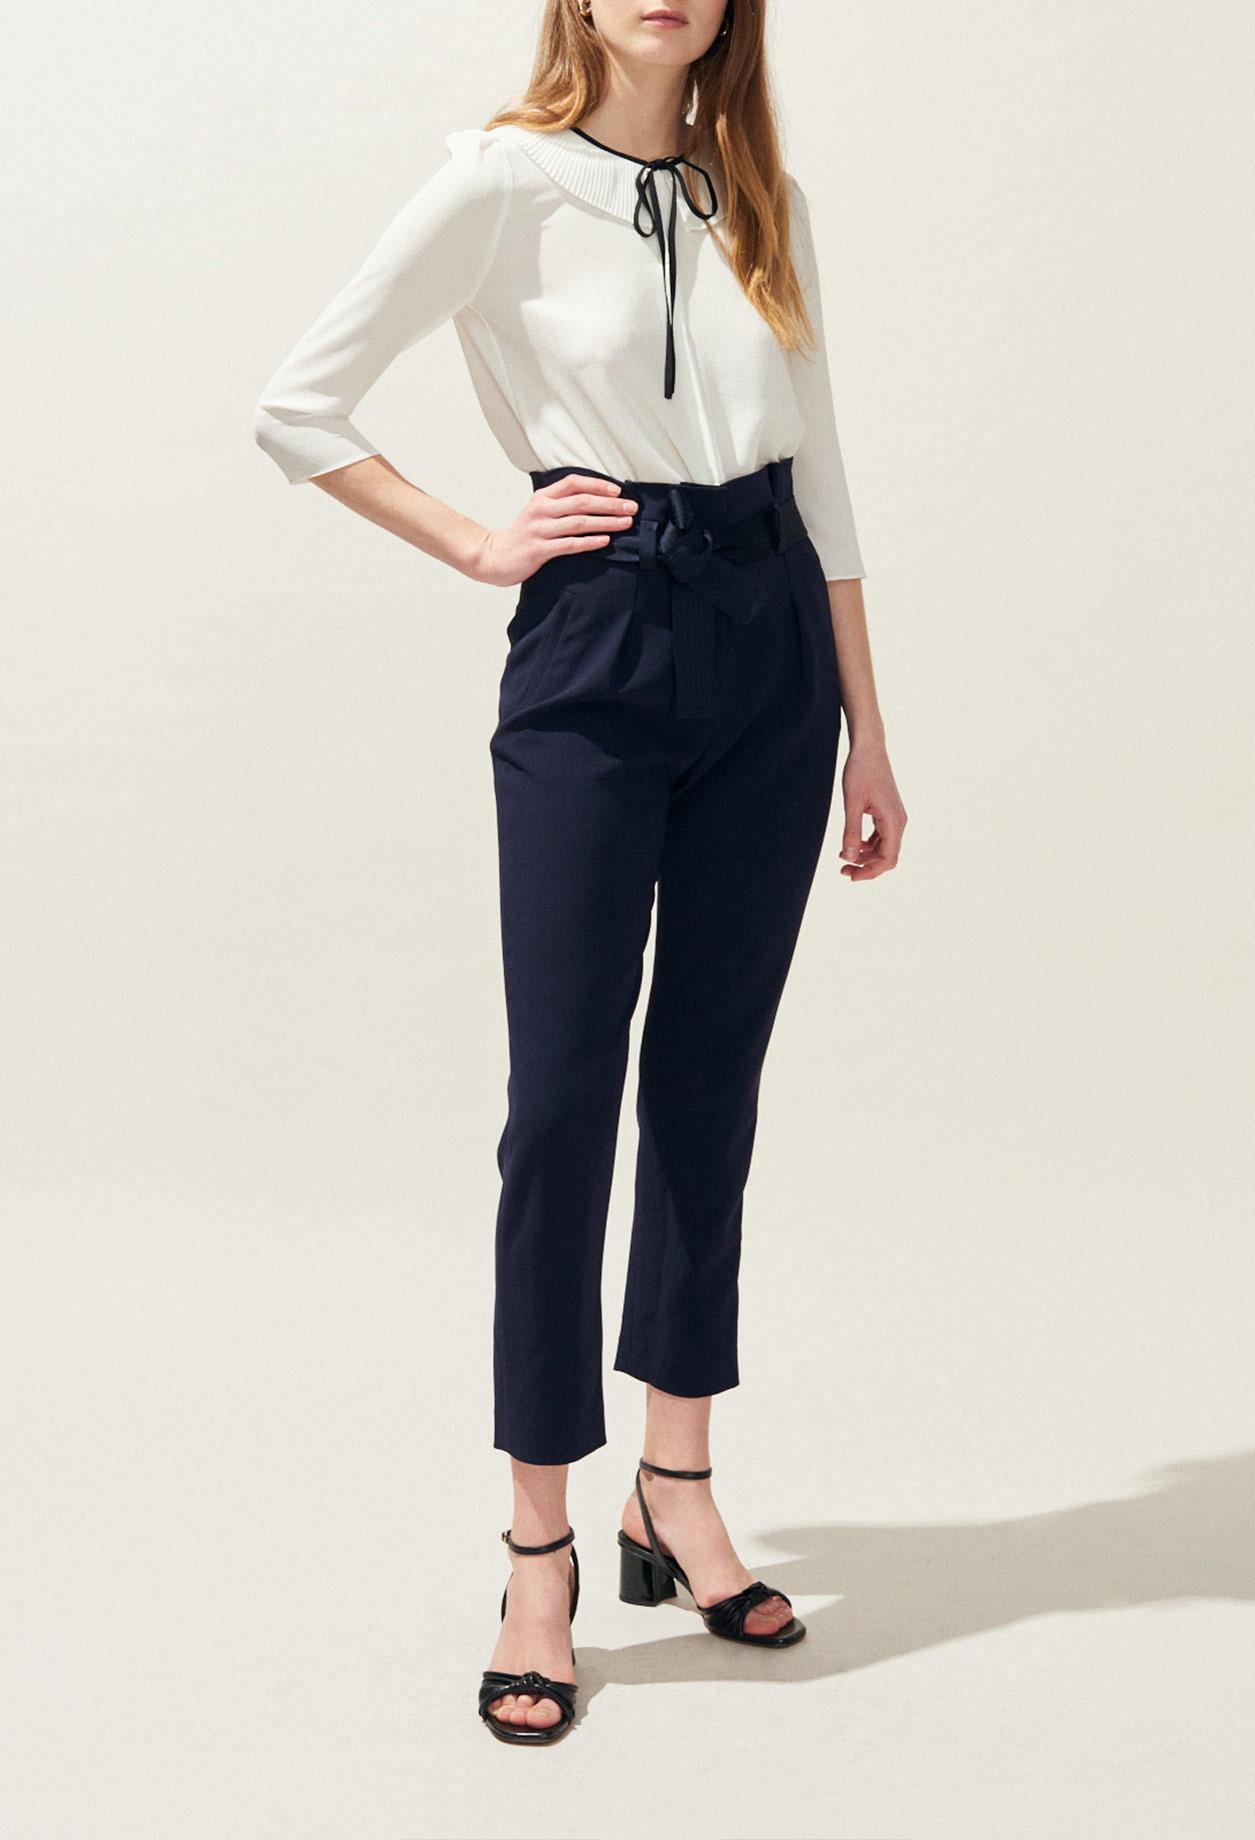 10e6704ffb3f2 PAULETTA - Pantalons et Jeans | Claudie Pierlot